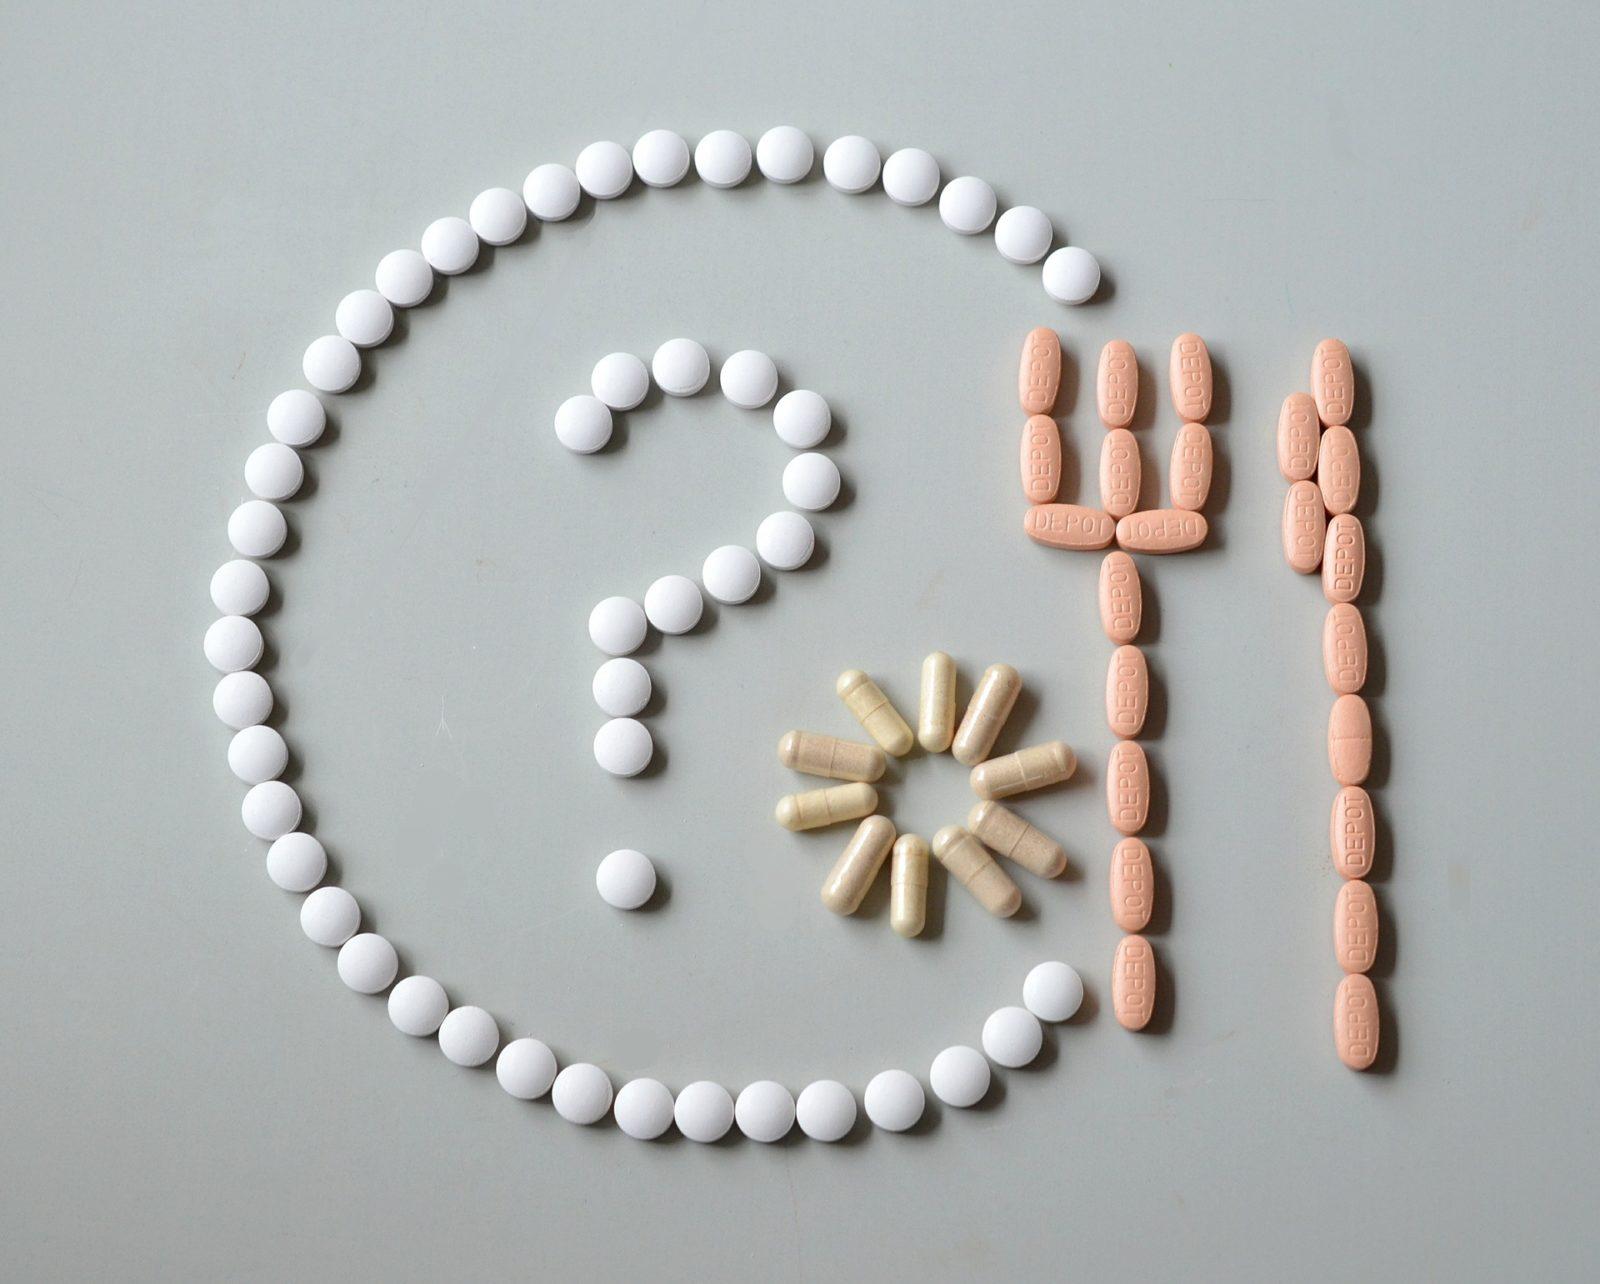 Эффективное лечение эректильной дисфункции otc-препаратами